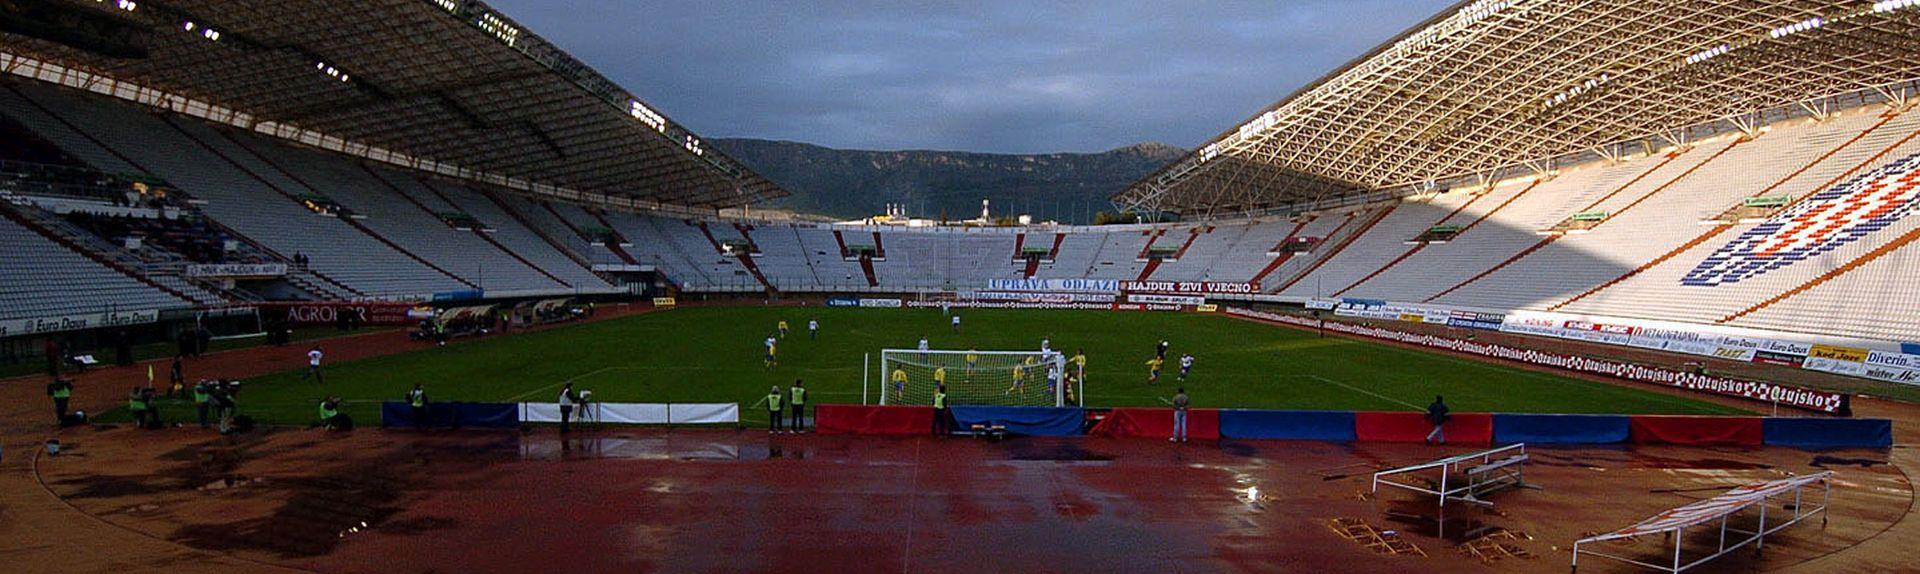 MINISTARSTVO KULTURE: Stadion Poljud proglašen zaštićenim kulturnim dobrom